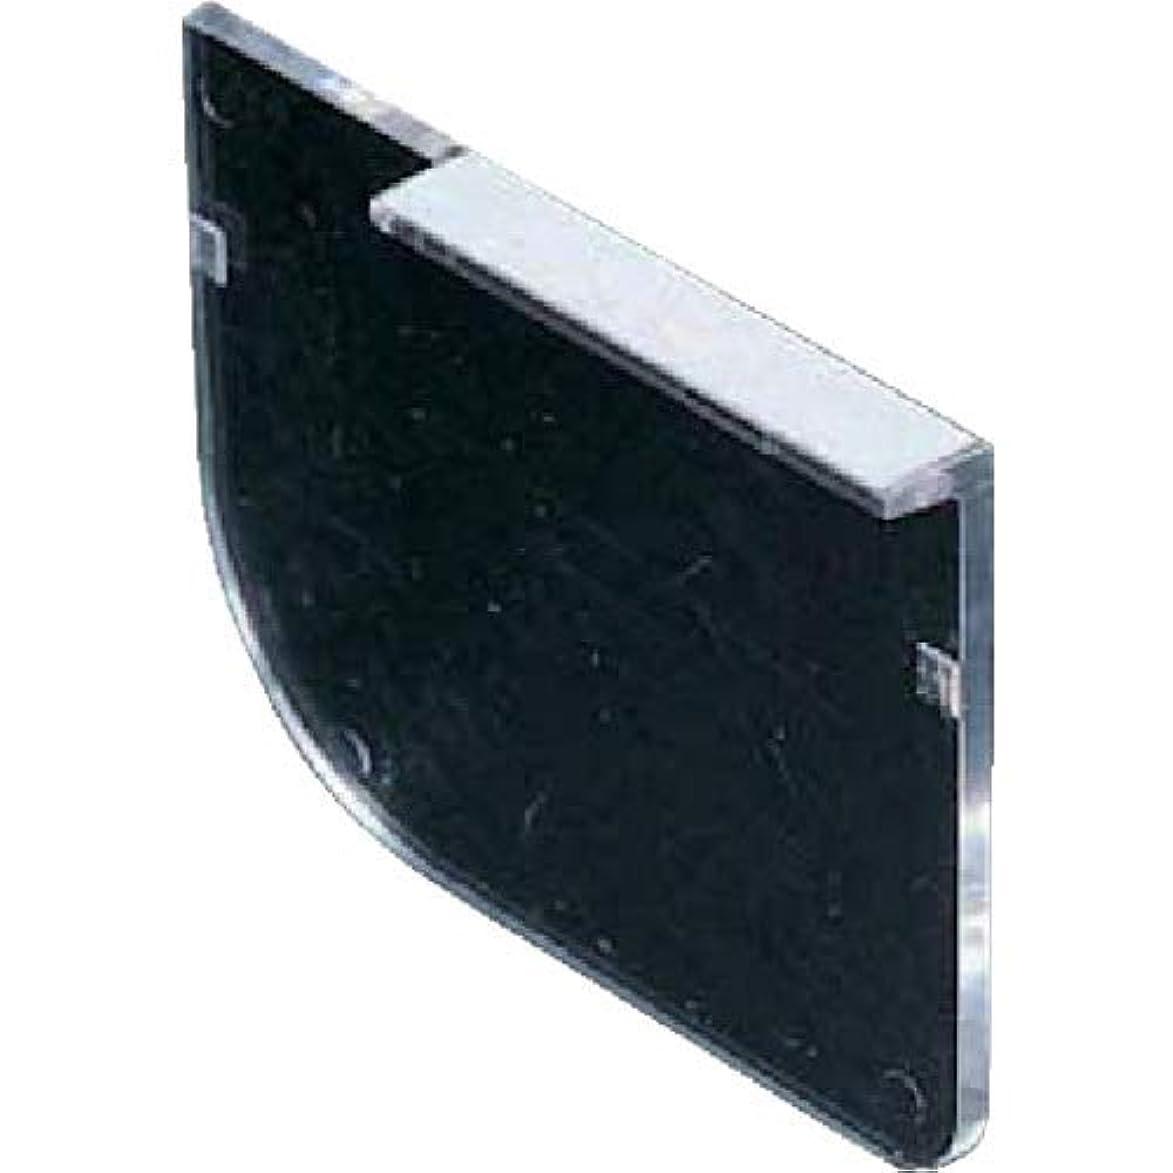 人類その結果エクスタシーホーザン(HOZAN) 仕切板B(8枚入り) B-322